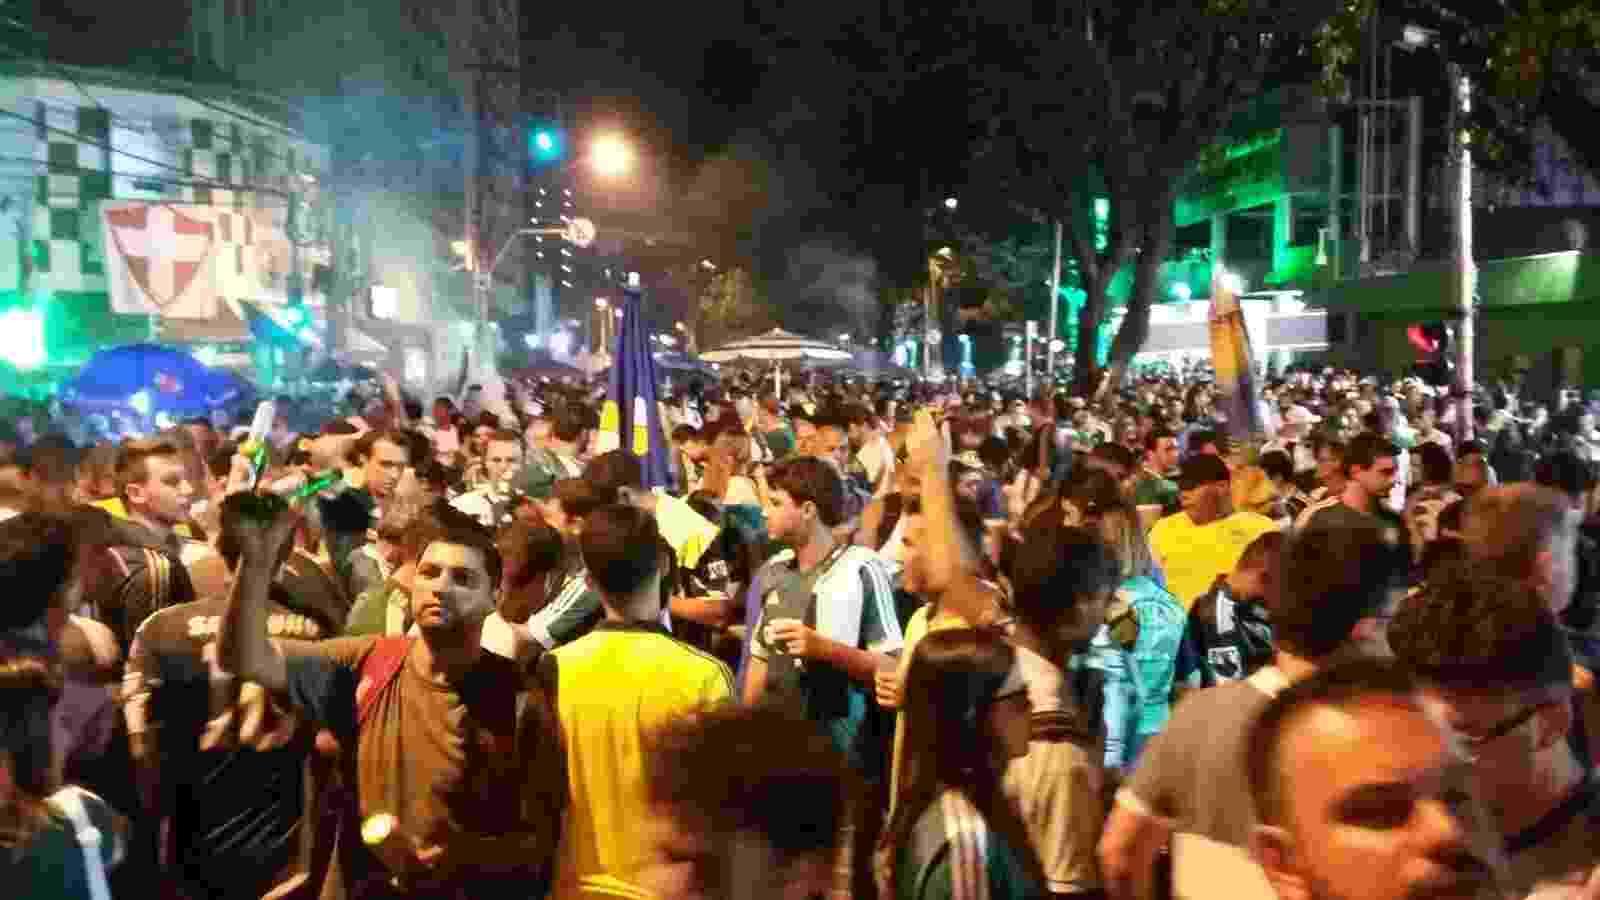 Torcedores do Palmeiras se aglomeram antes da partida contra o Nacional-URU - Diego Salgado/UOL